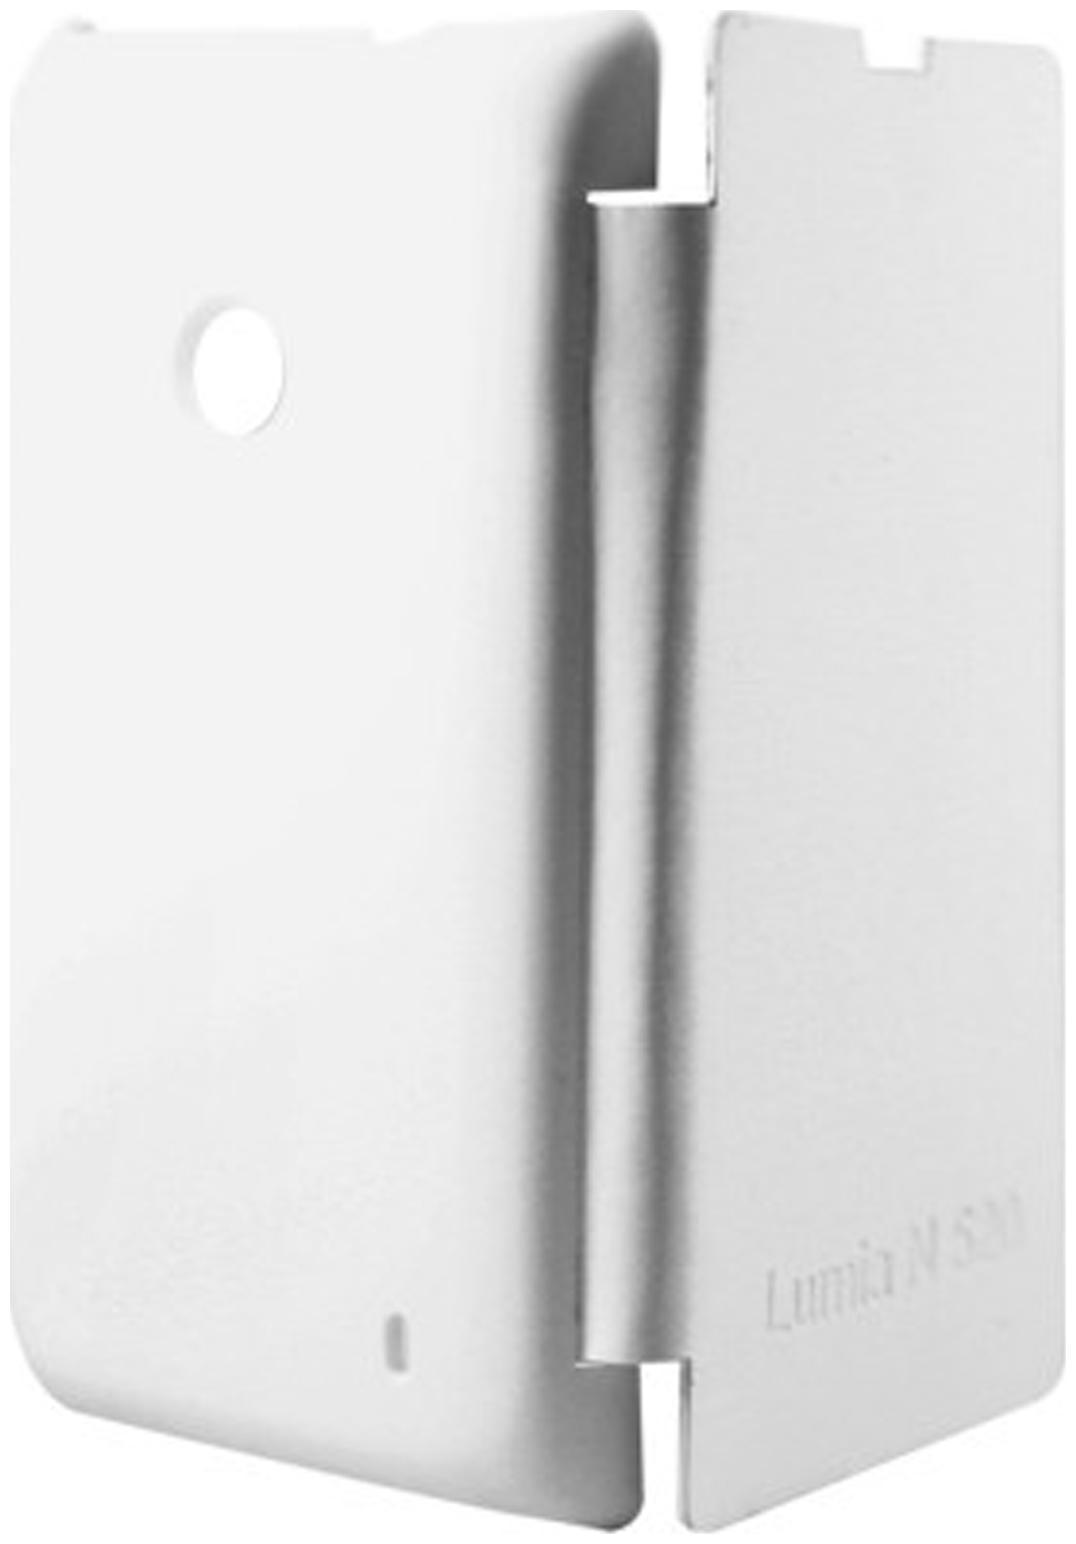 Iway Flip Cover For Nokia Lumia 520  White